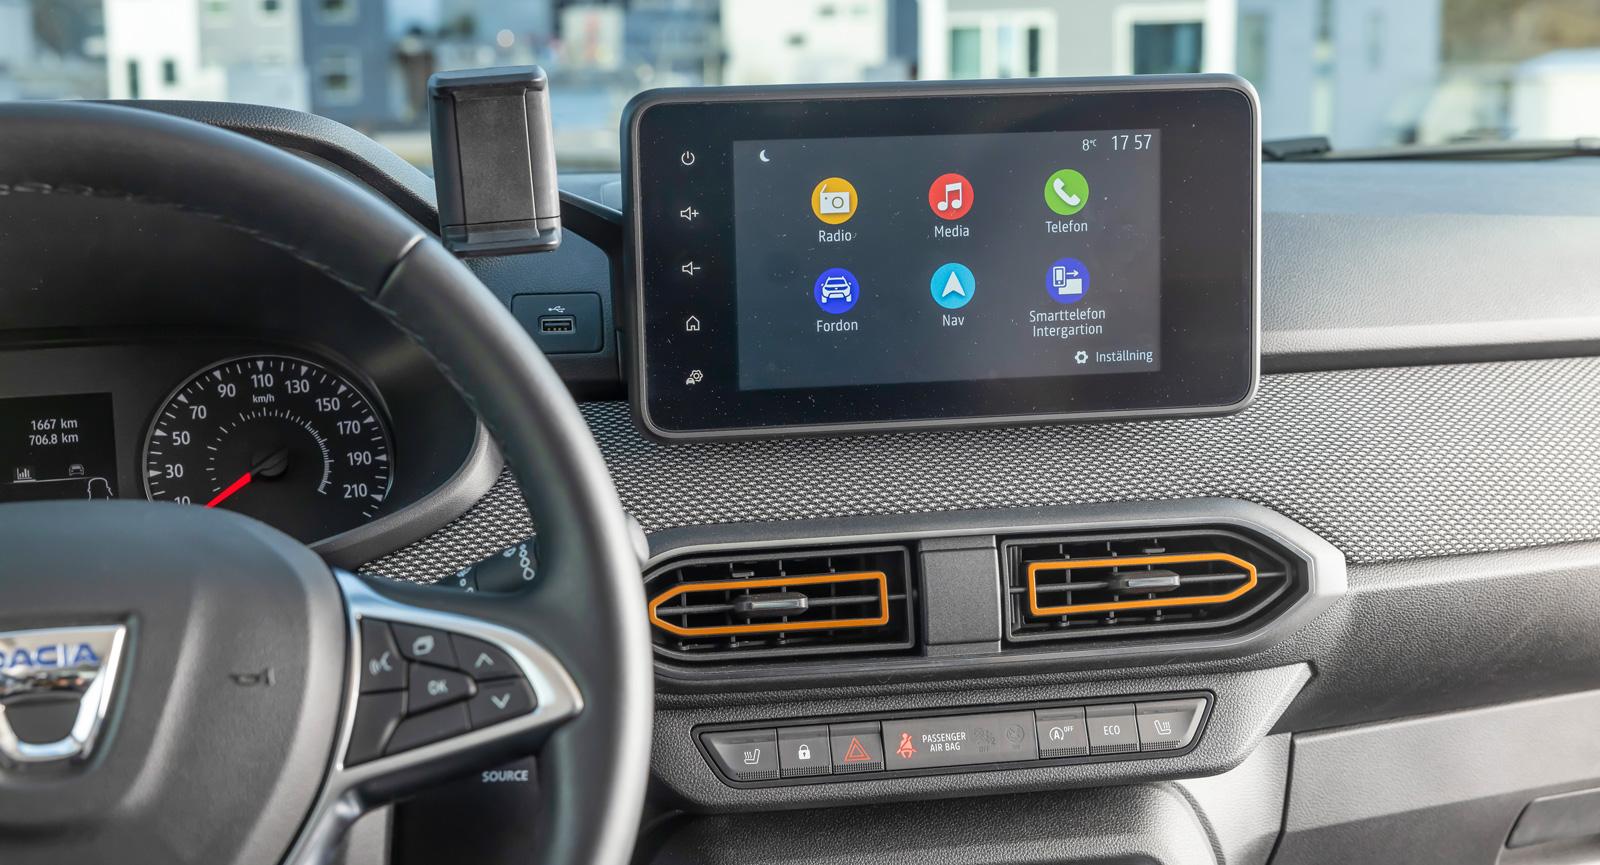 Dacia: De funktioner man kan kräva 2021 finns. Det ger tydligt handhavande trots felstavade menyalternativ. Touchreglage för volym uppskattas inte av alla. Fysiska knappar i ratten.